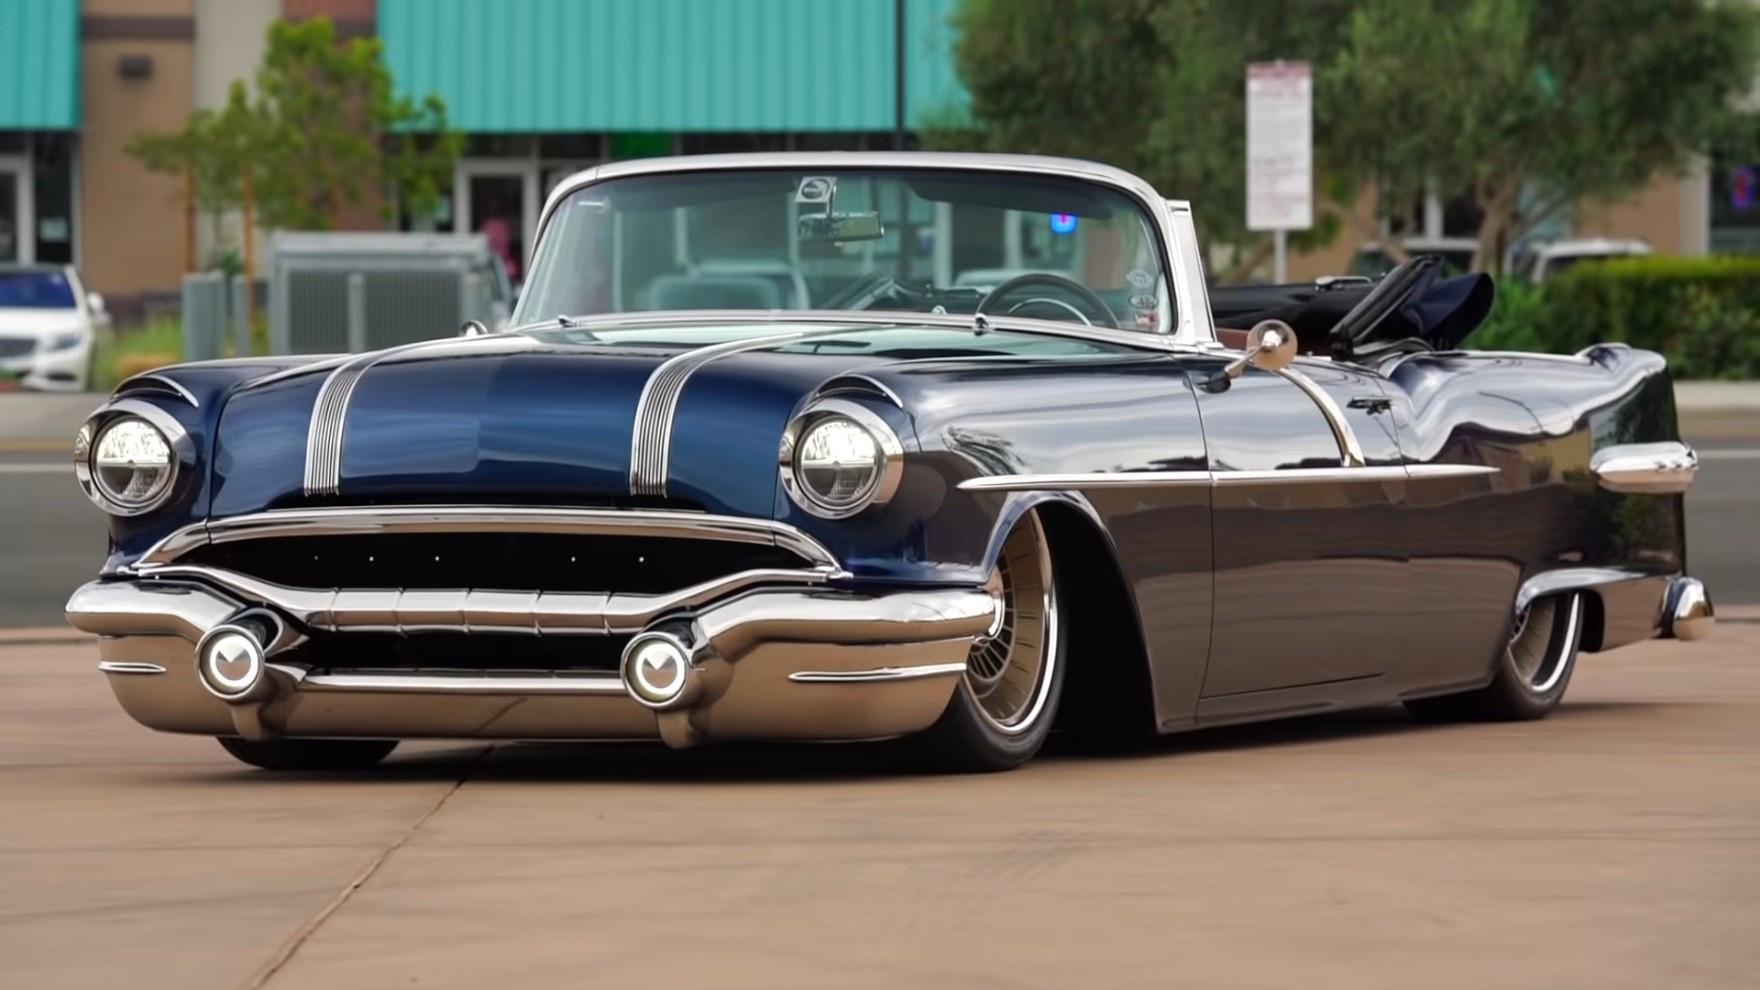 Pontiac Star Chief 1956 giá 1.000.000 đô la, bộ siêu tăng áp Whipple, lớp áo bất thường - Ảnh 3.